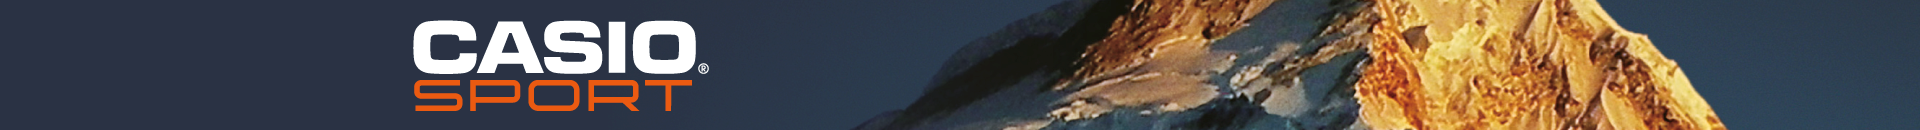 Casio Sport Gear Banner